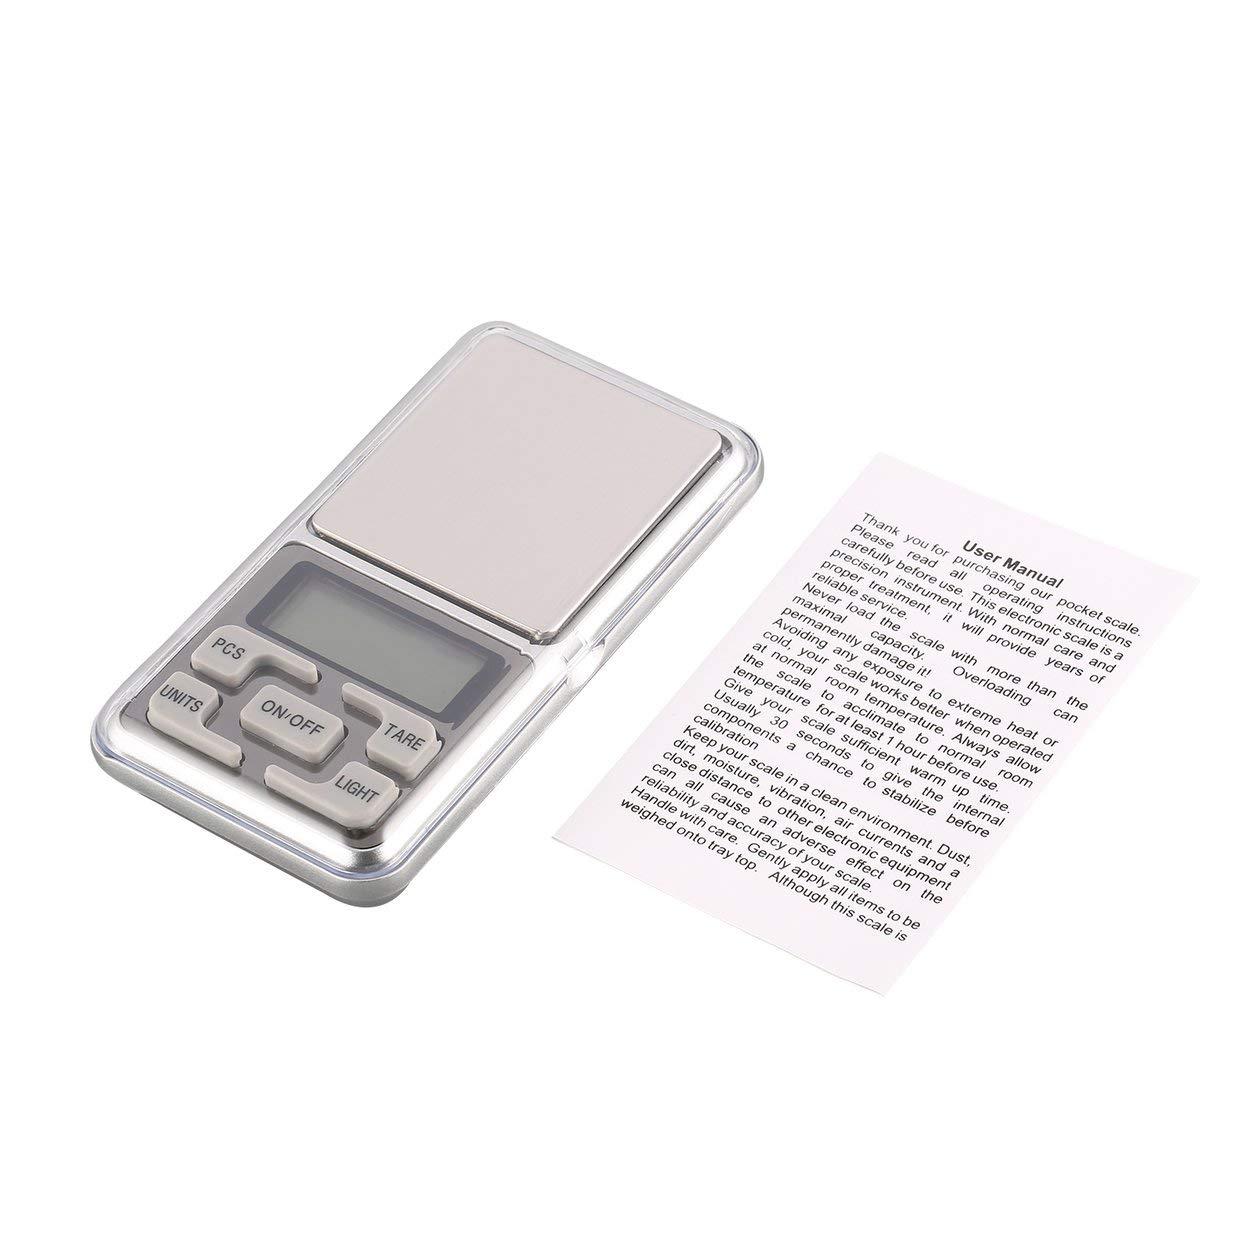 Lorenlli Mini balance de poche numérique précision 1000g 0.1g de poids g/tl / oz/ct / gn pour la pesée de bijoux de cuisine en or